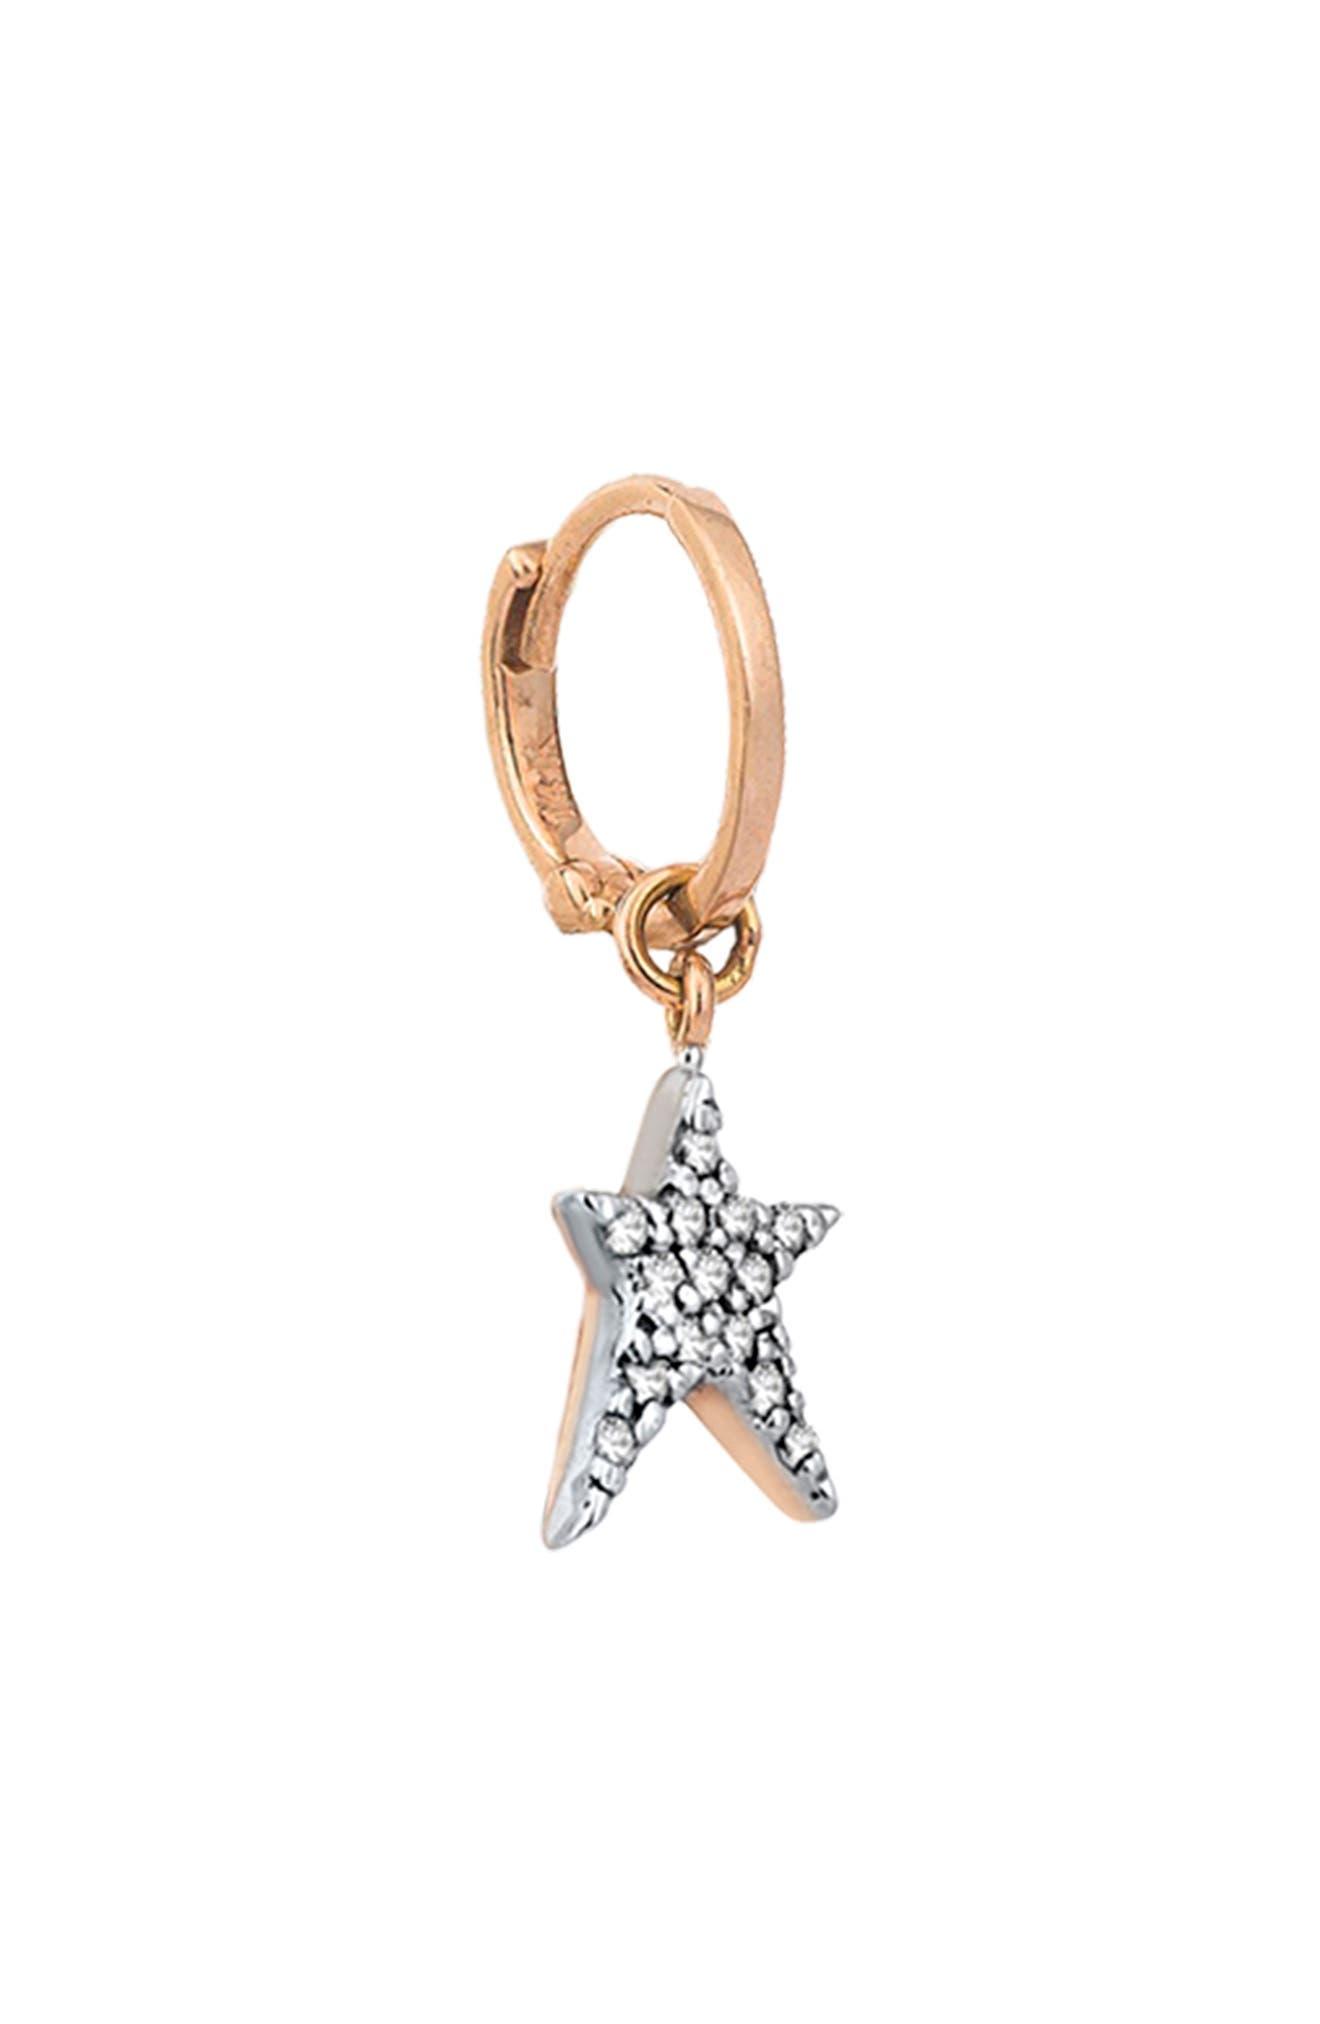 Diamond Starstruck Small Hoop Earring,                             Alternate thumbnail 3, color,                             ROSE GOLD